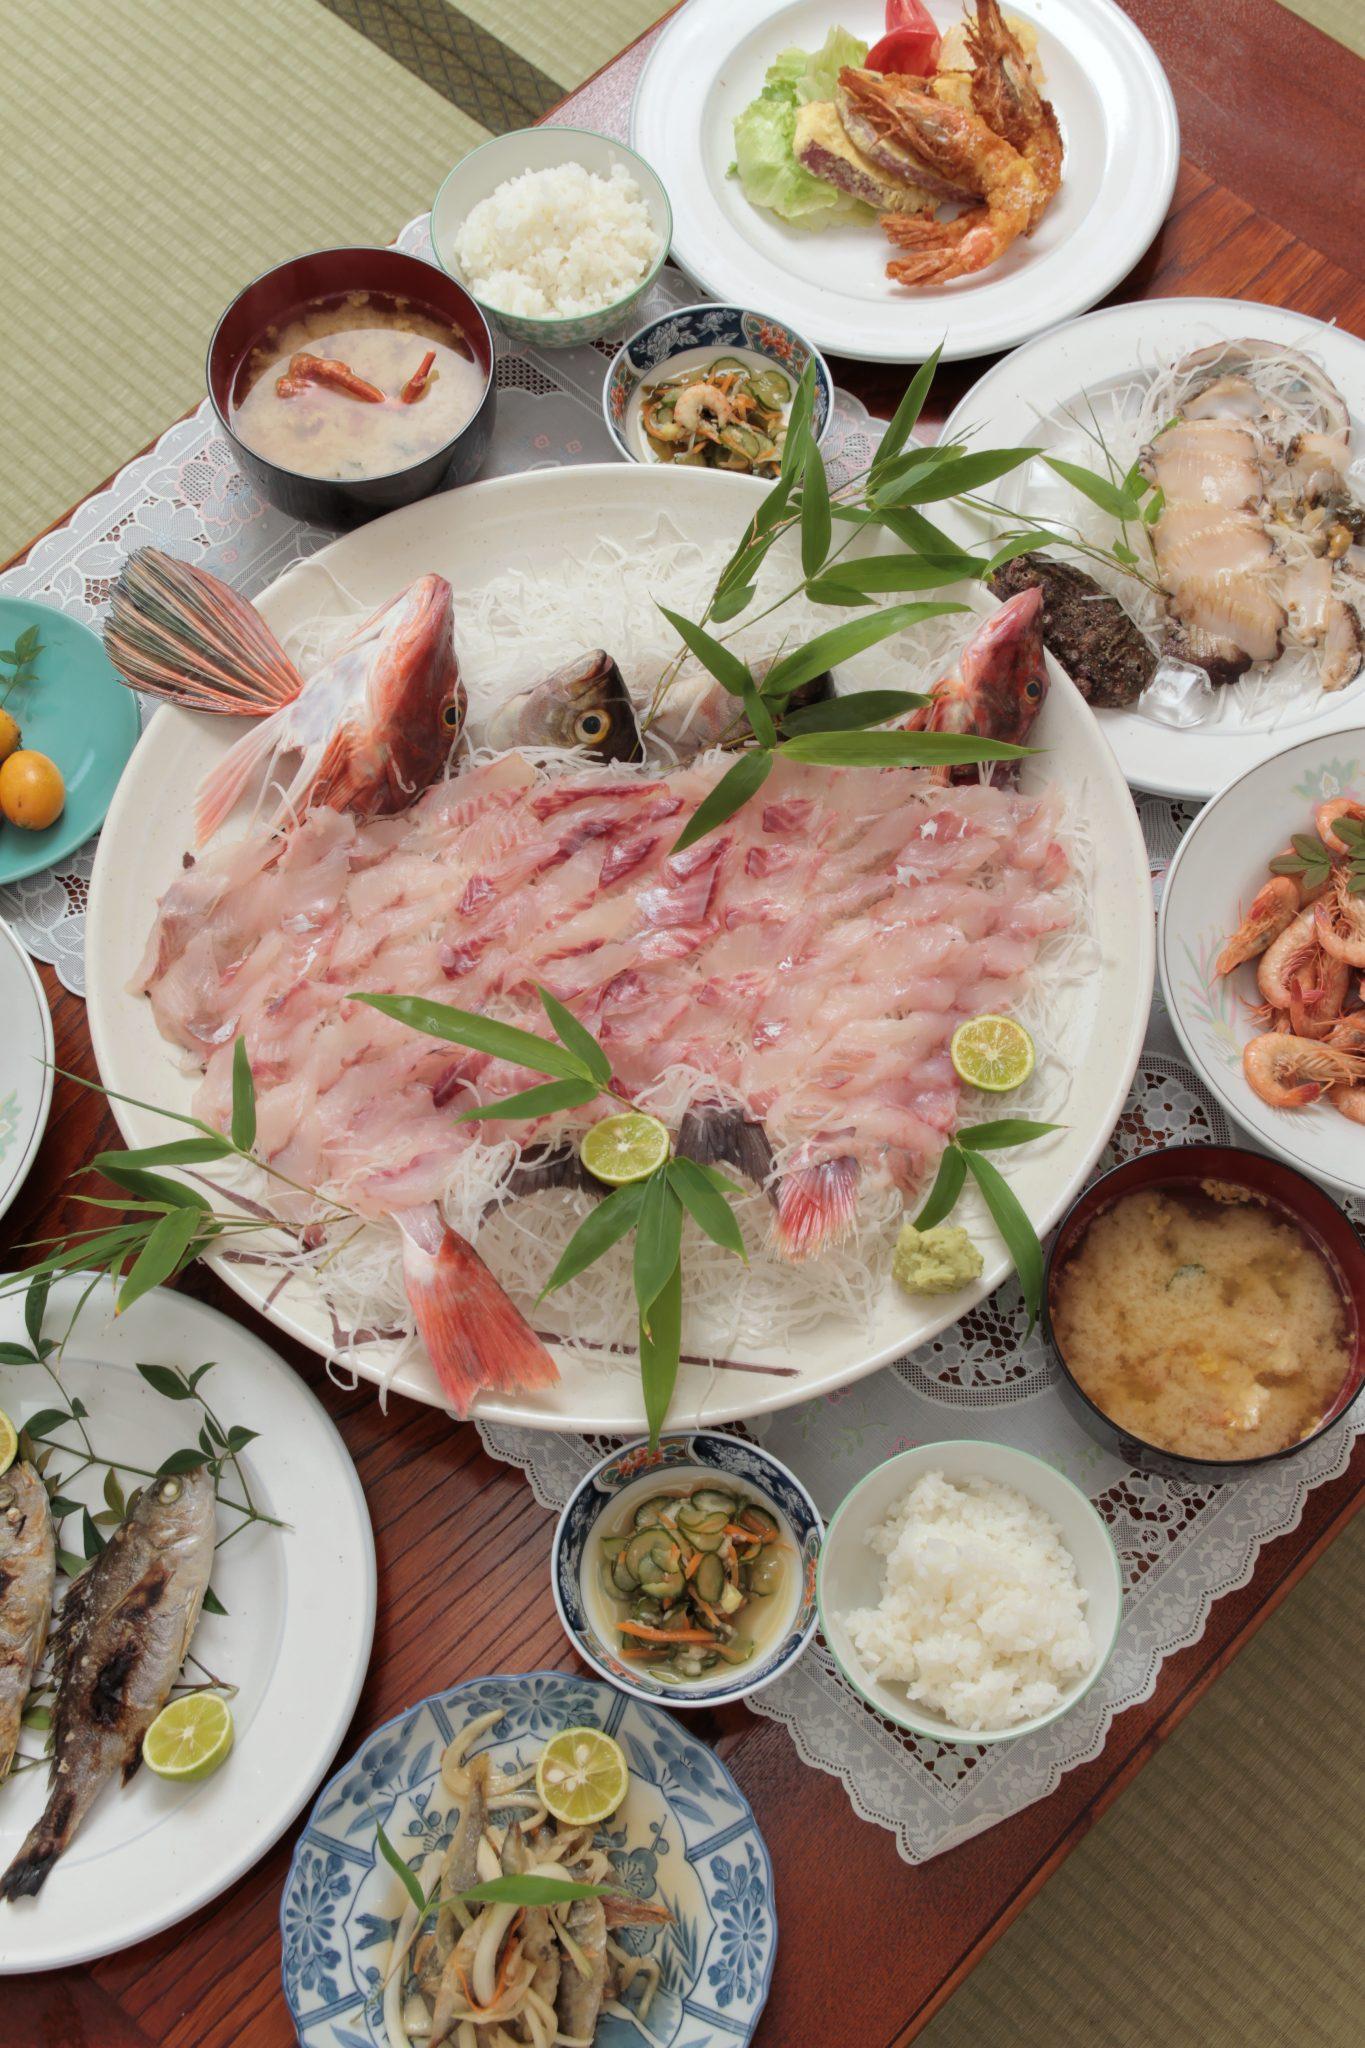 《阿南市/ゆきや荘》泊まらなくても食べられる宿めし。海の幸がてんこ盛り! ごちそうが大皿にズラリ